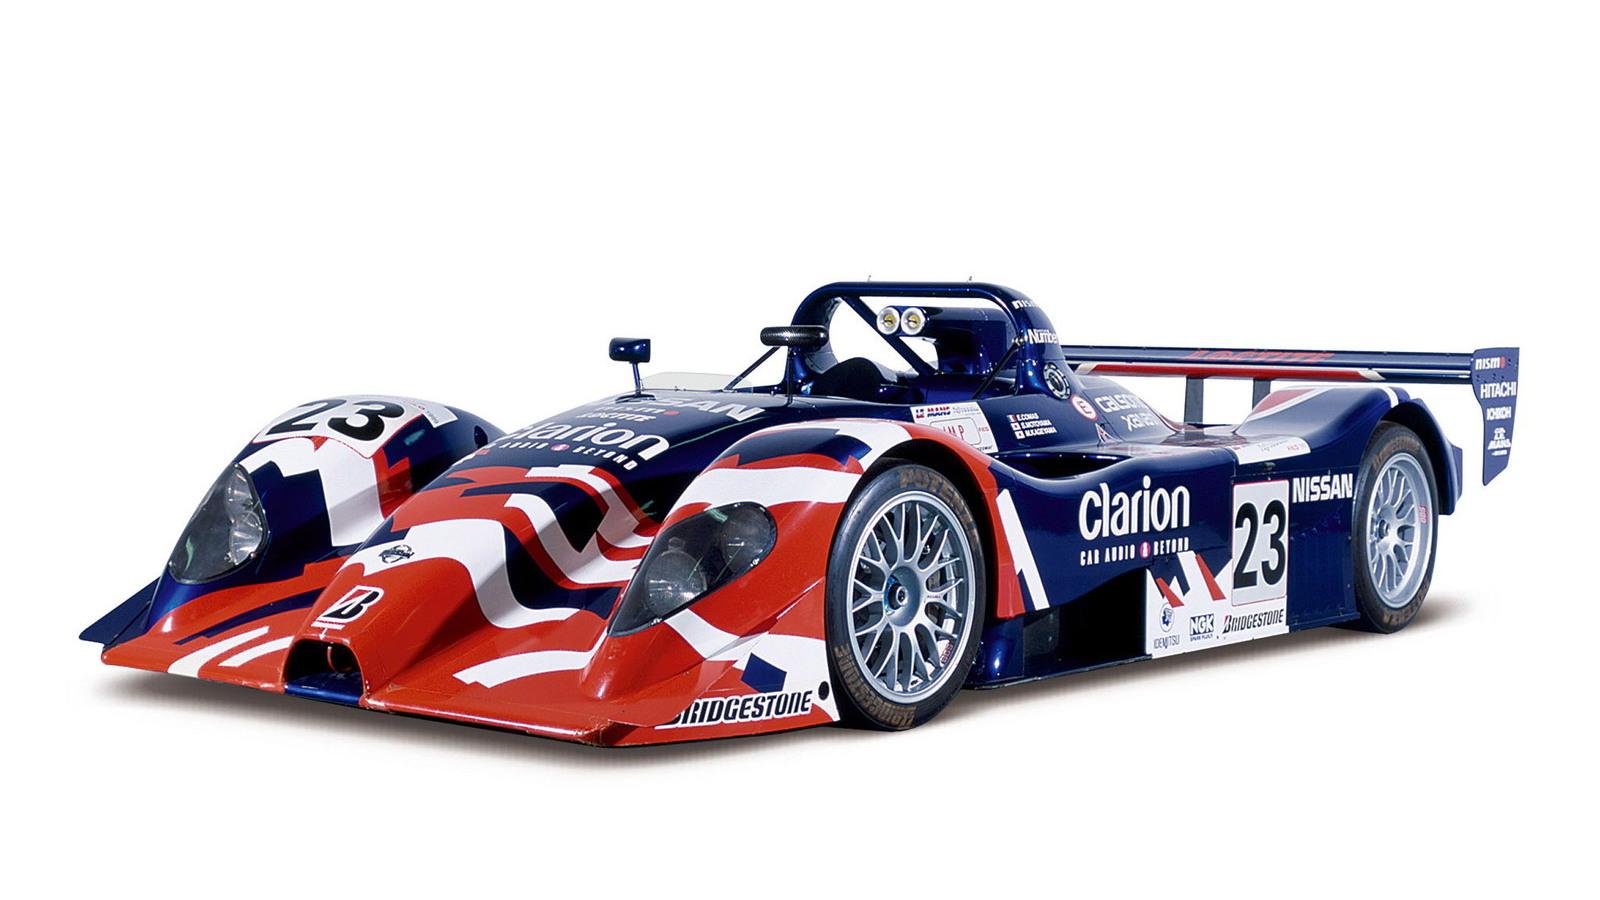 1999 Nissan R391 Le Mans prototype